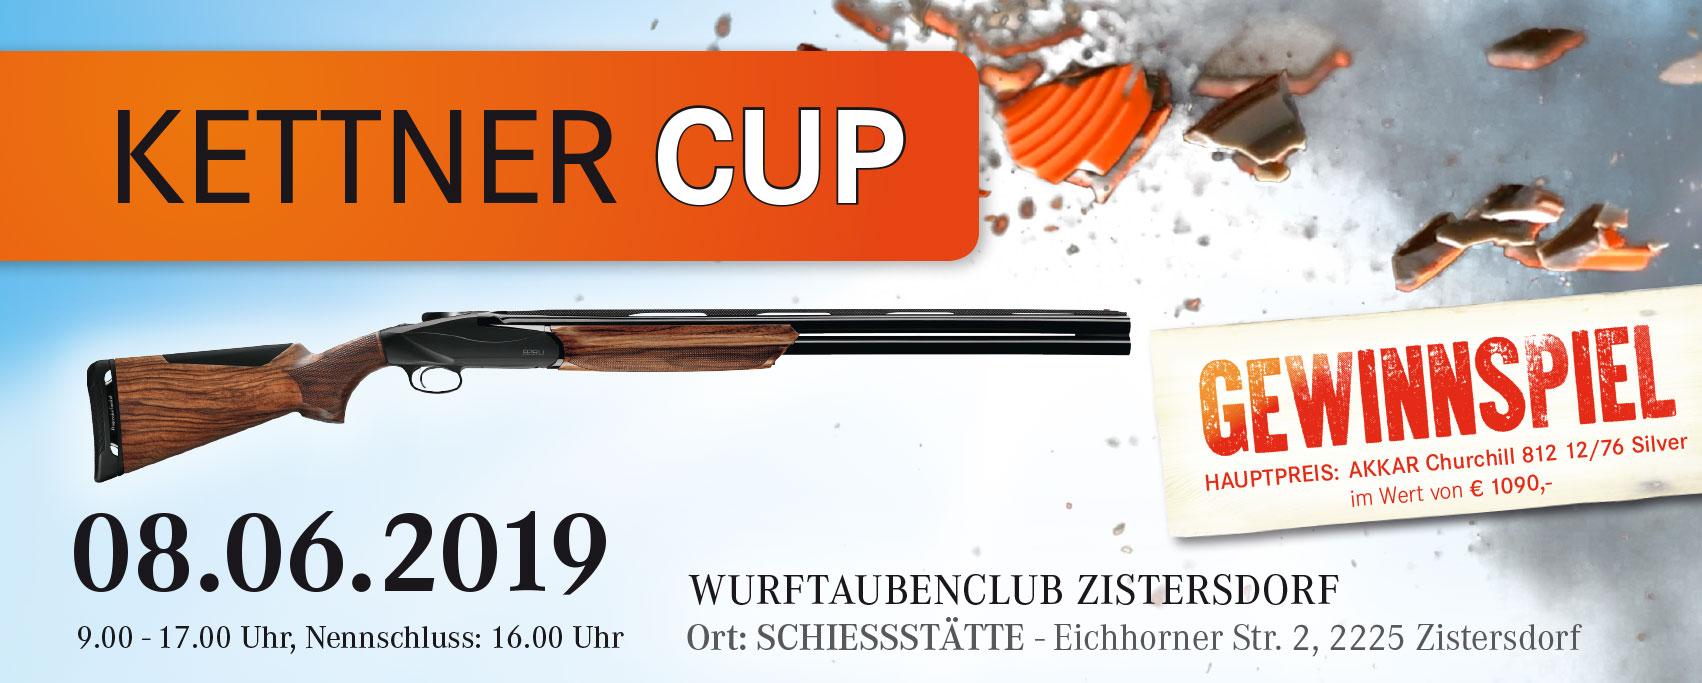 Kettner Cup Zistersdorf